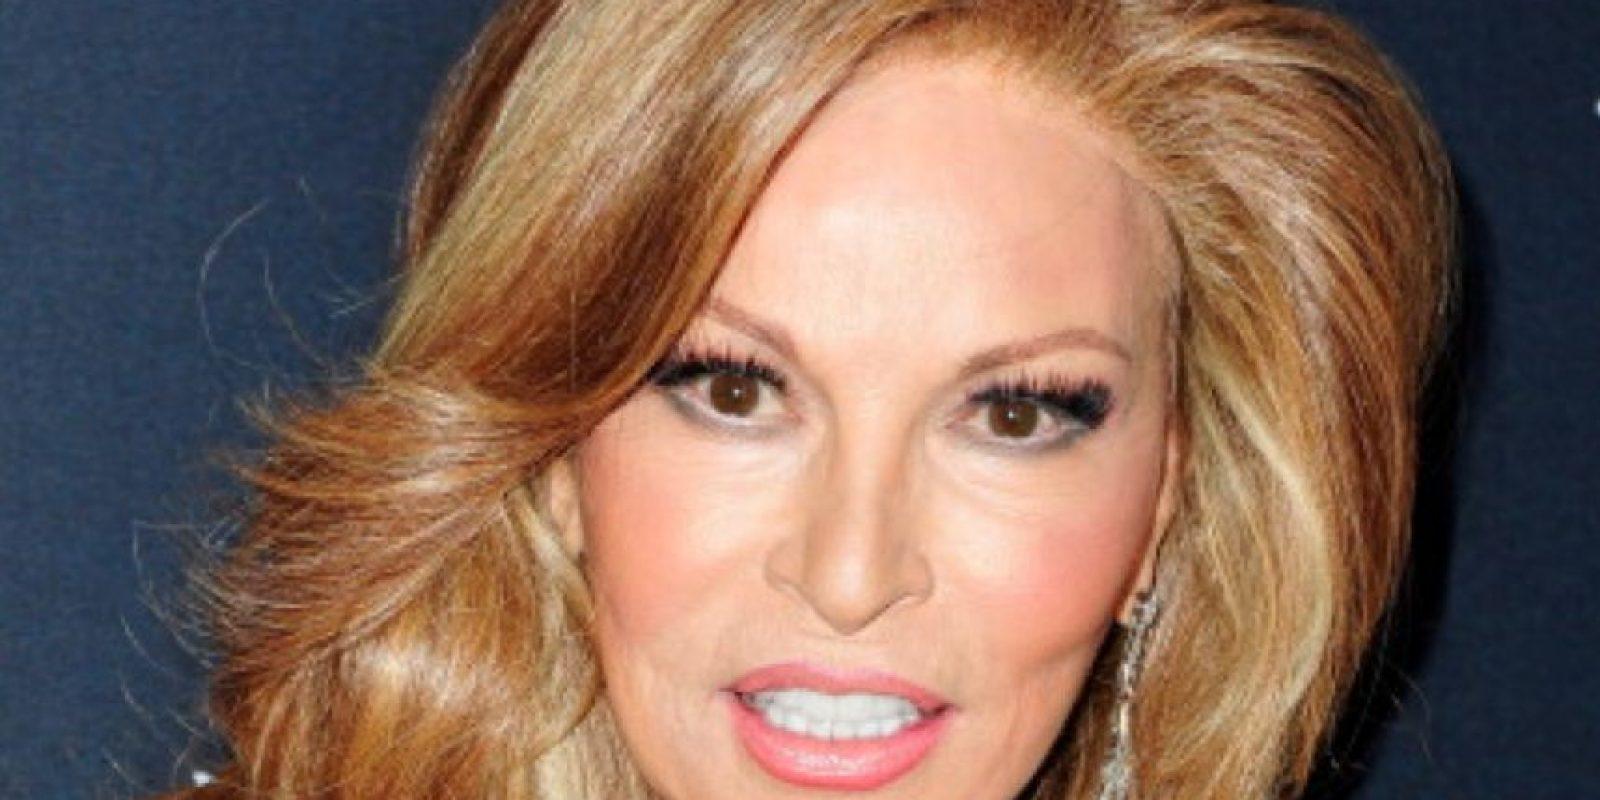 Y afirma que detestaba que los críticos la subestimaran por su belleza. Foto:vía Getty Images